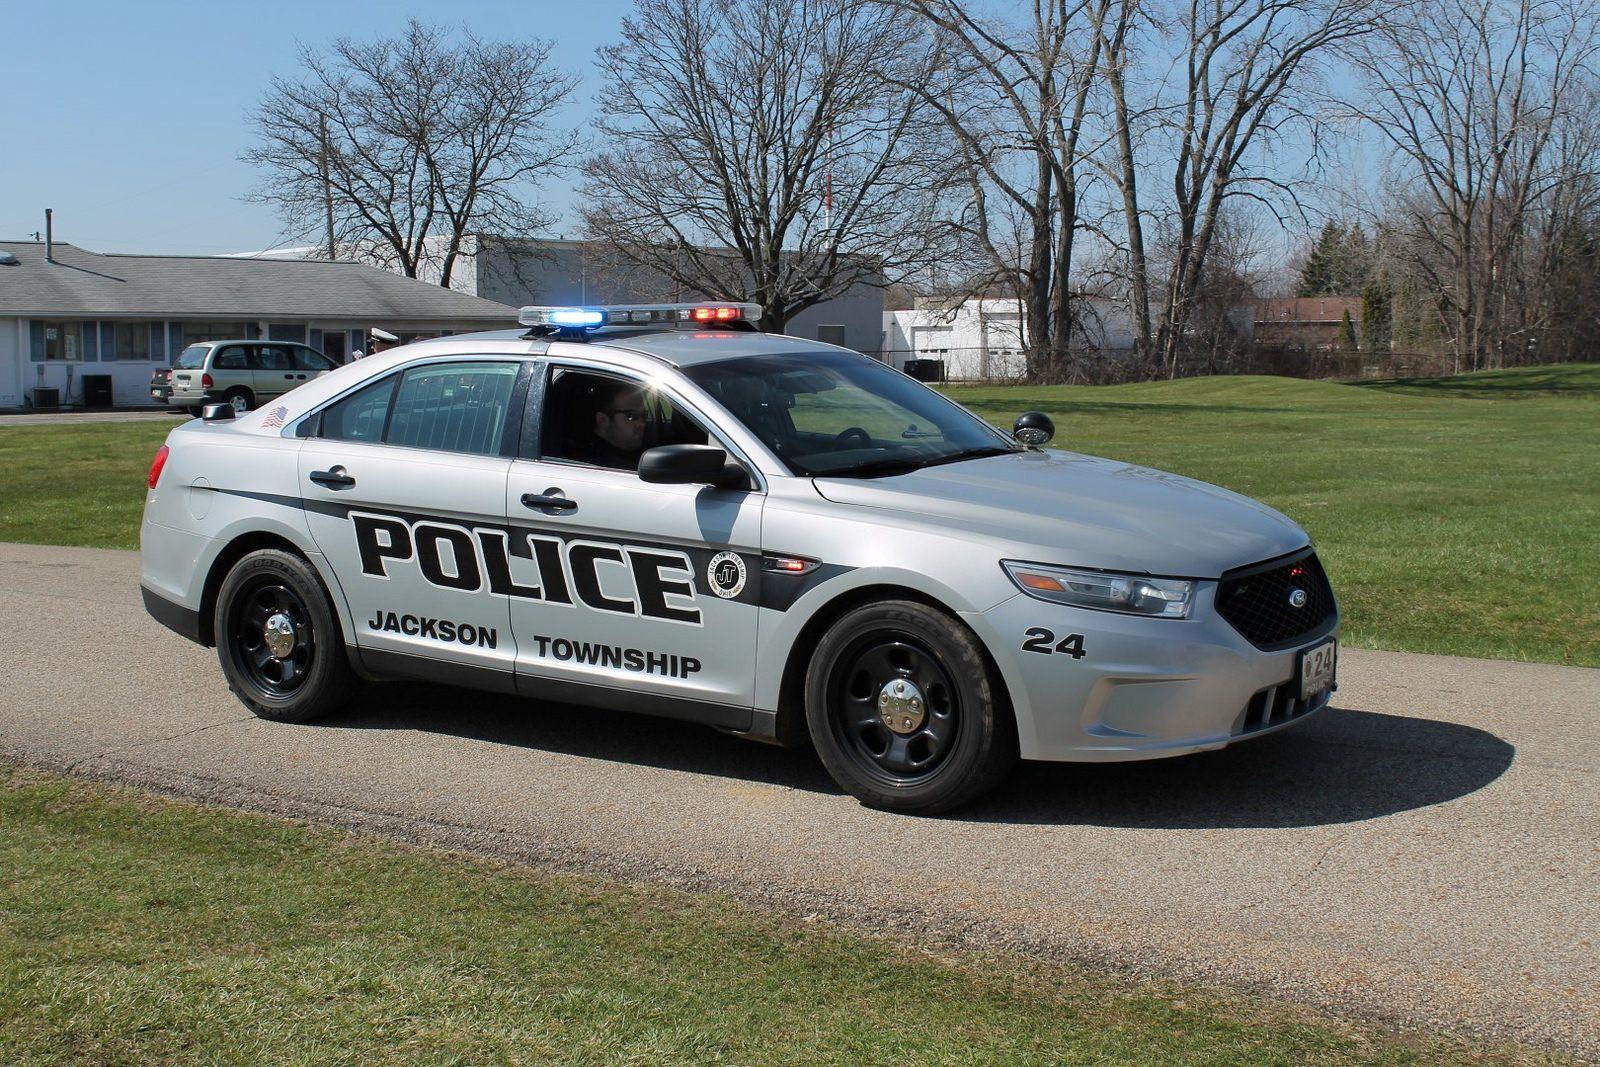 Jackson Township Police Interceptor Sedan Police Car Pictures Police Us Police Car